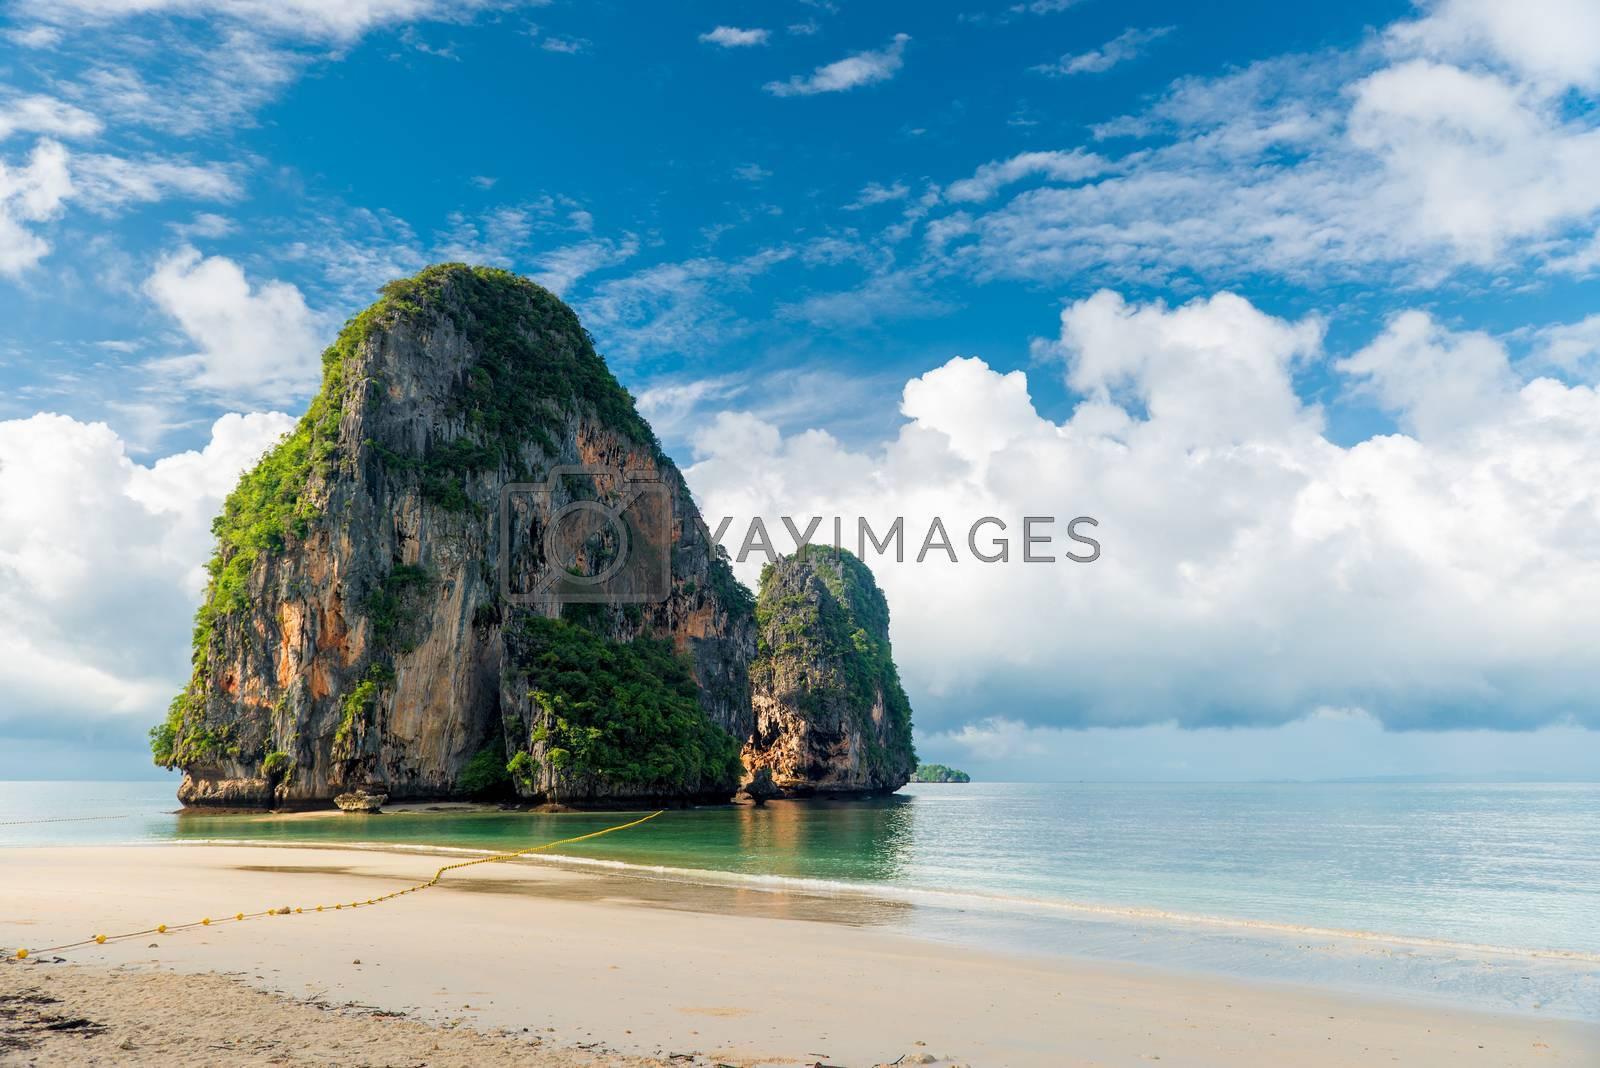 Andaman Sea and Ko Rang Nok in Thailand